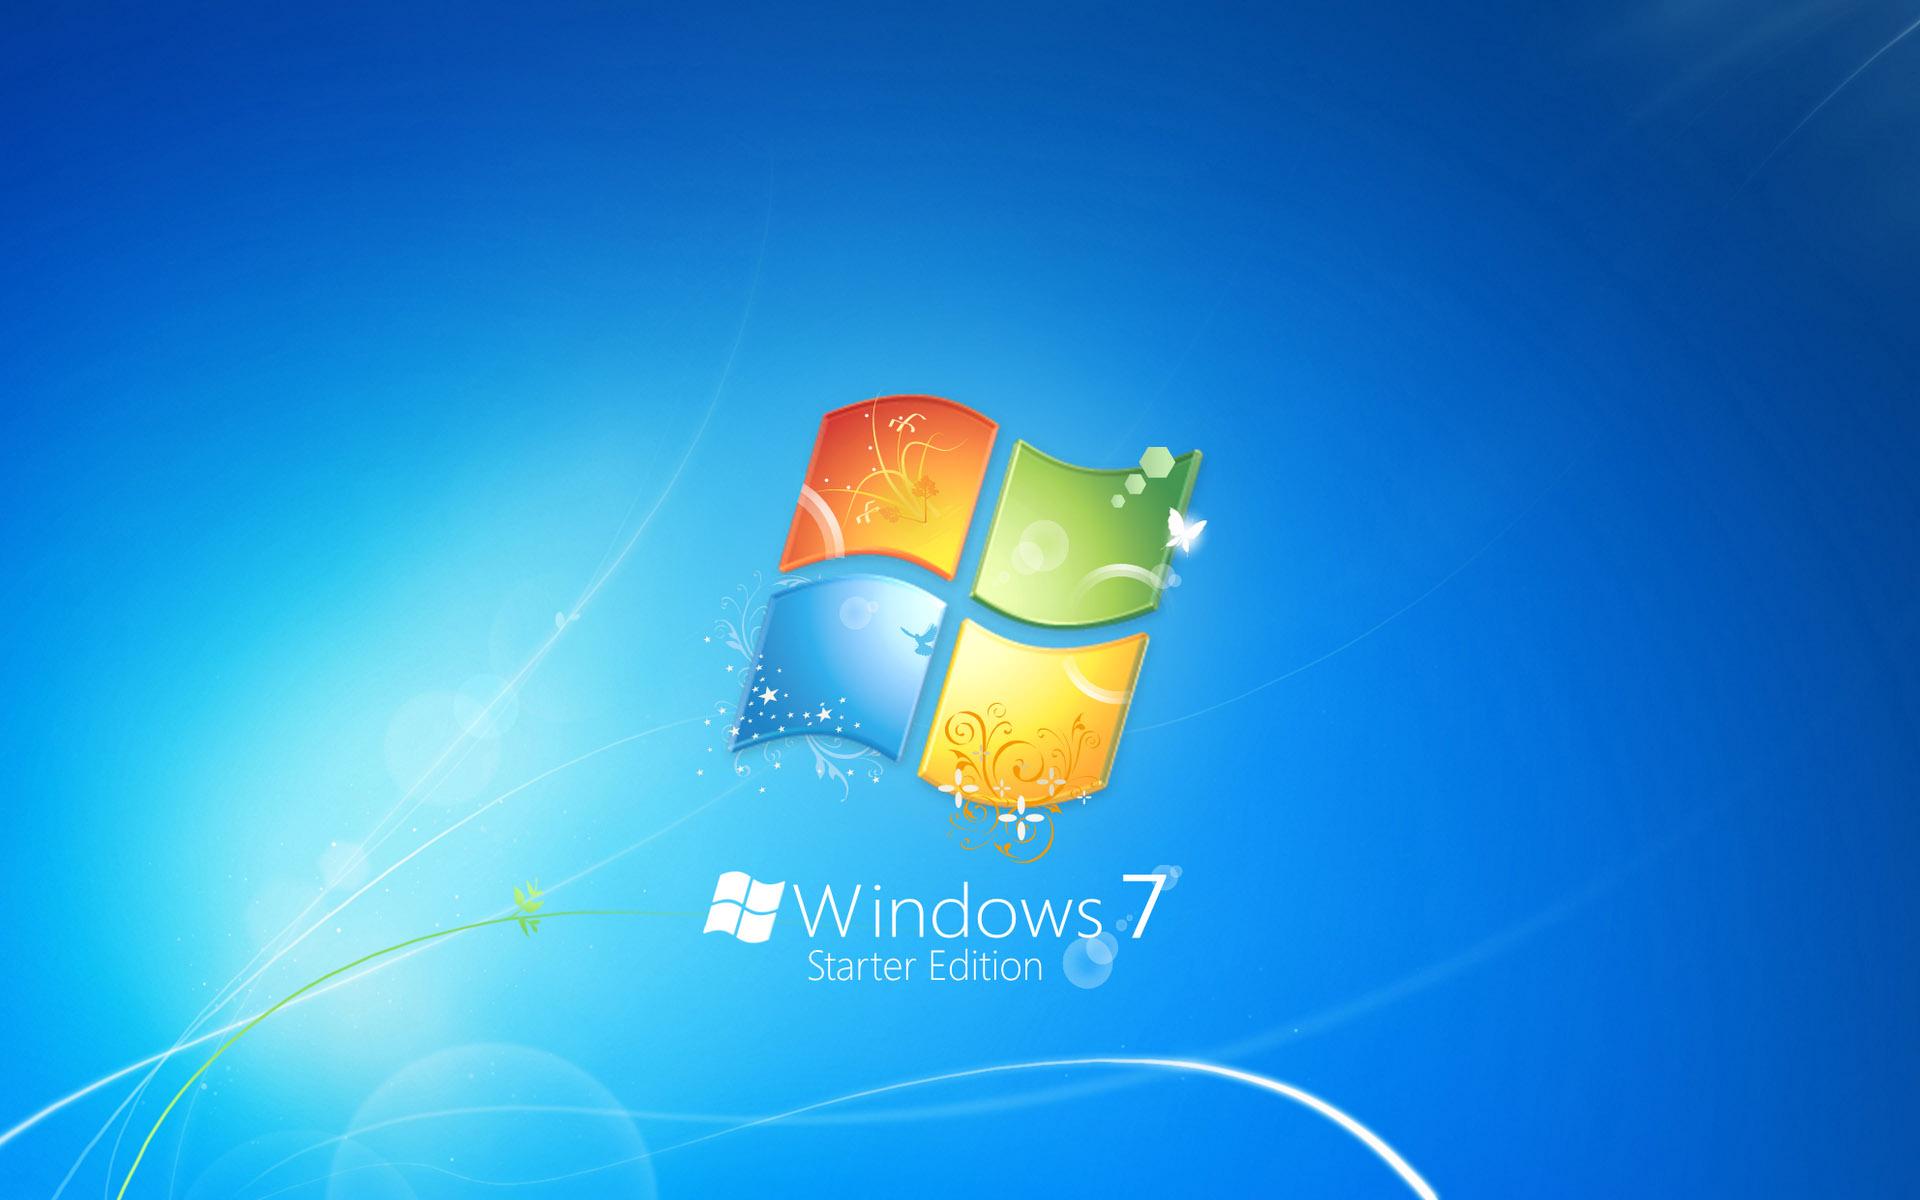 supporto Boot Camp di Windows 7